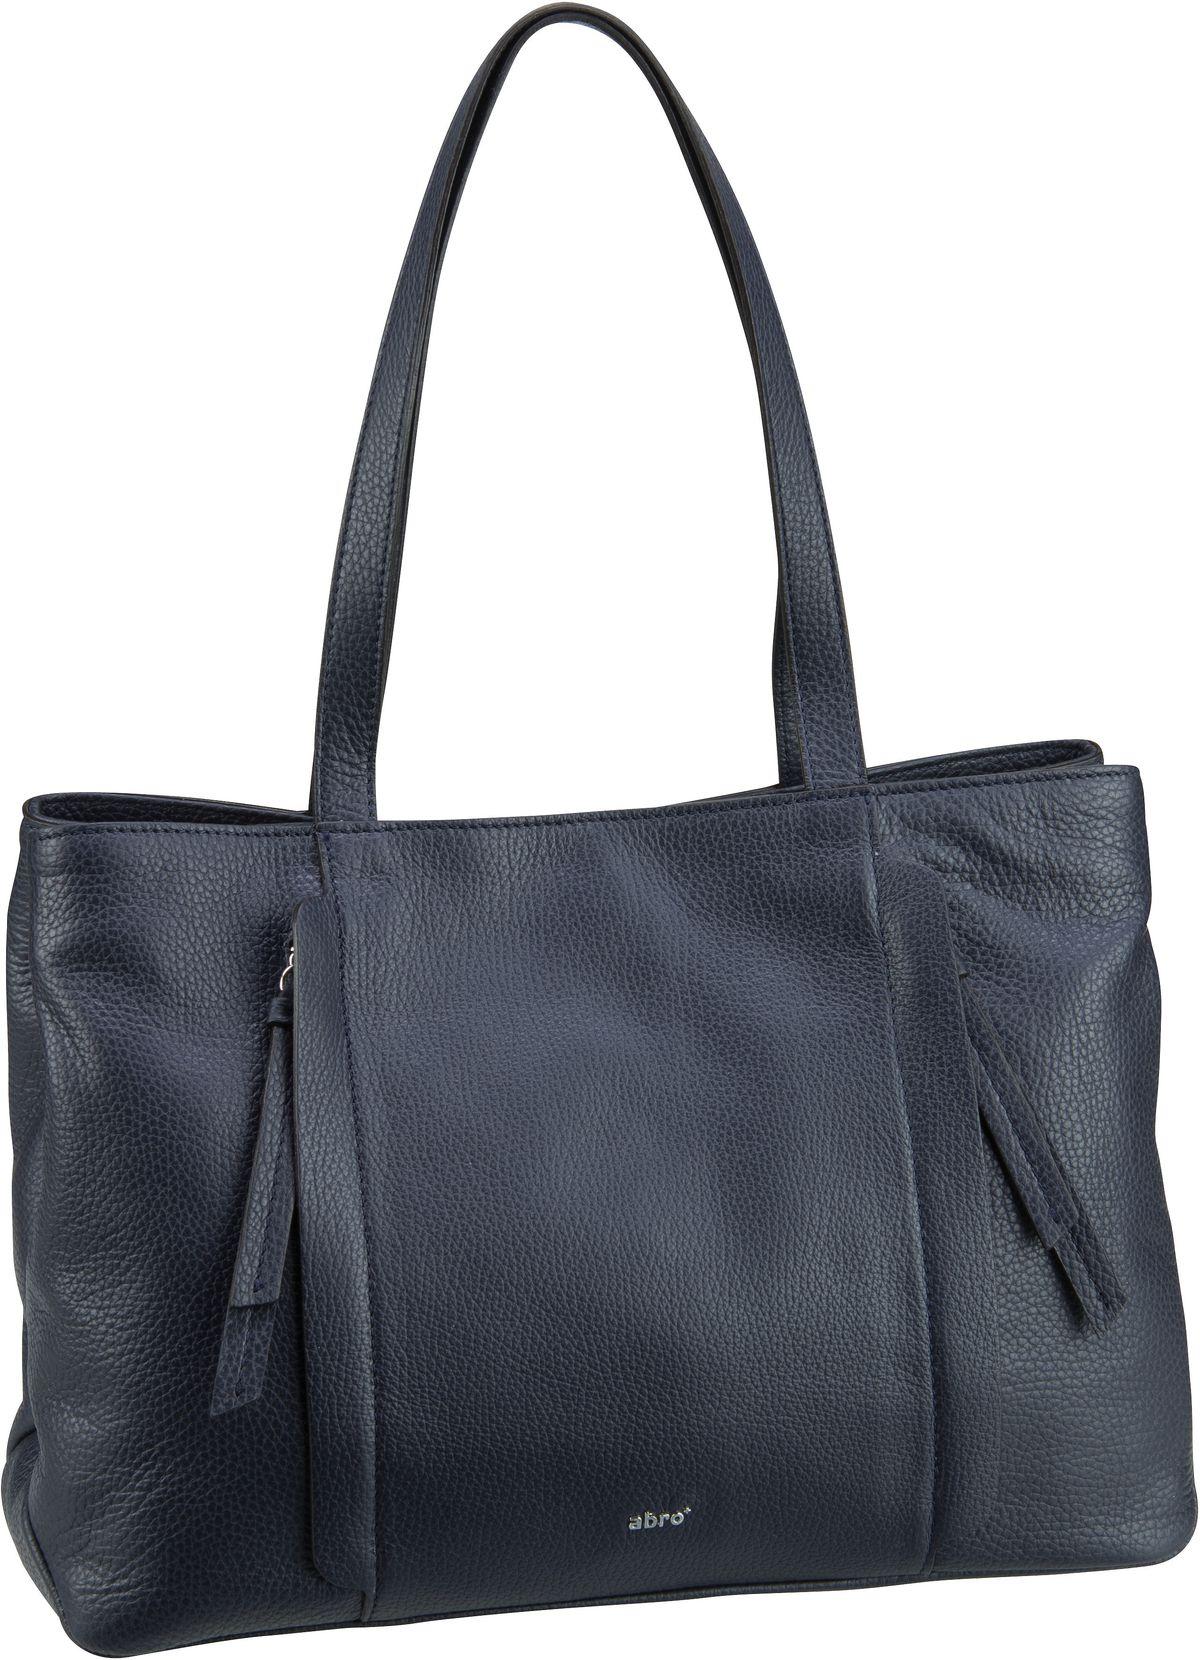 Handtasche Calf Adria 28629 Navy